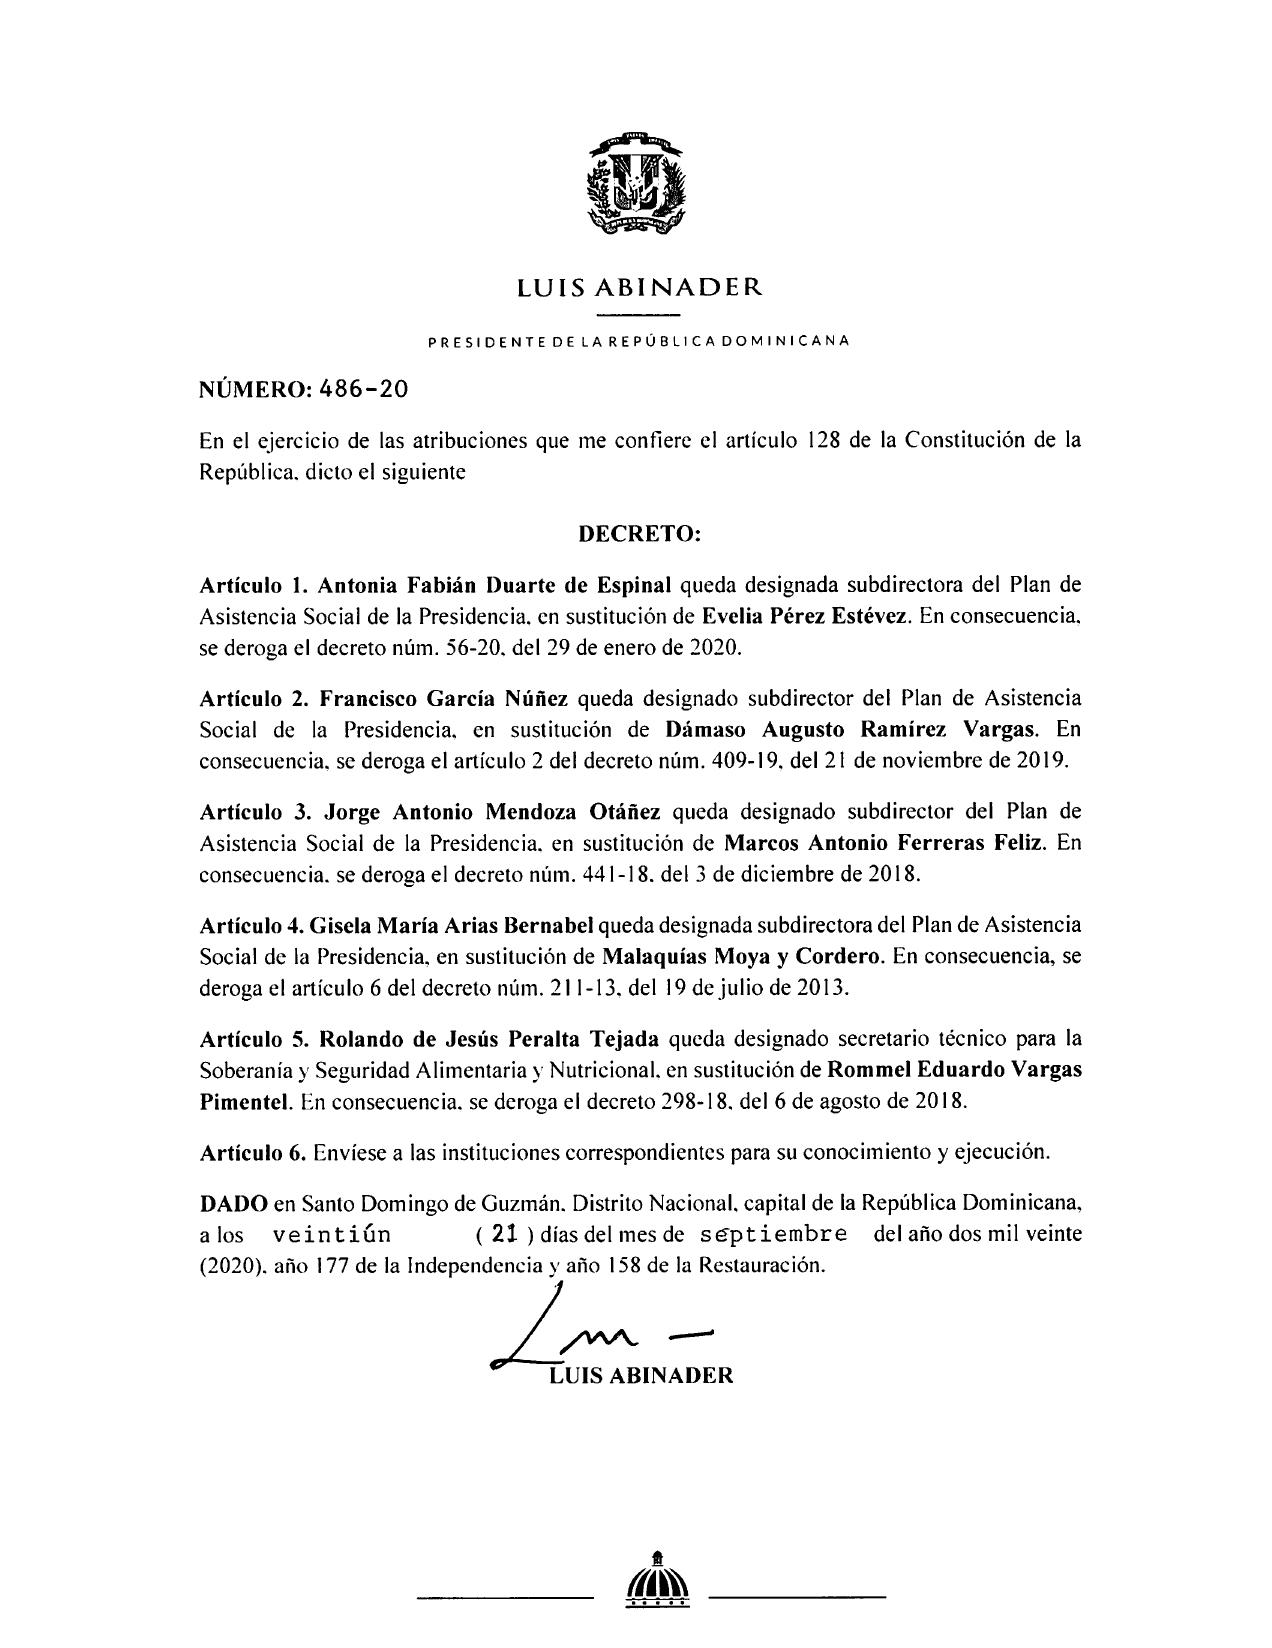 decreto 486-20